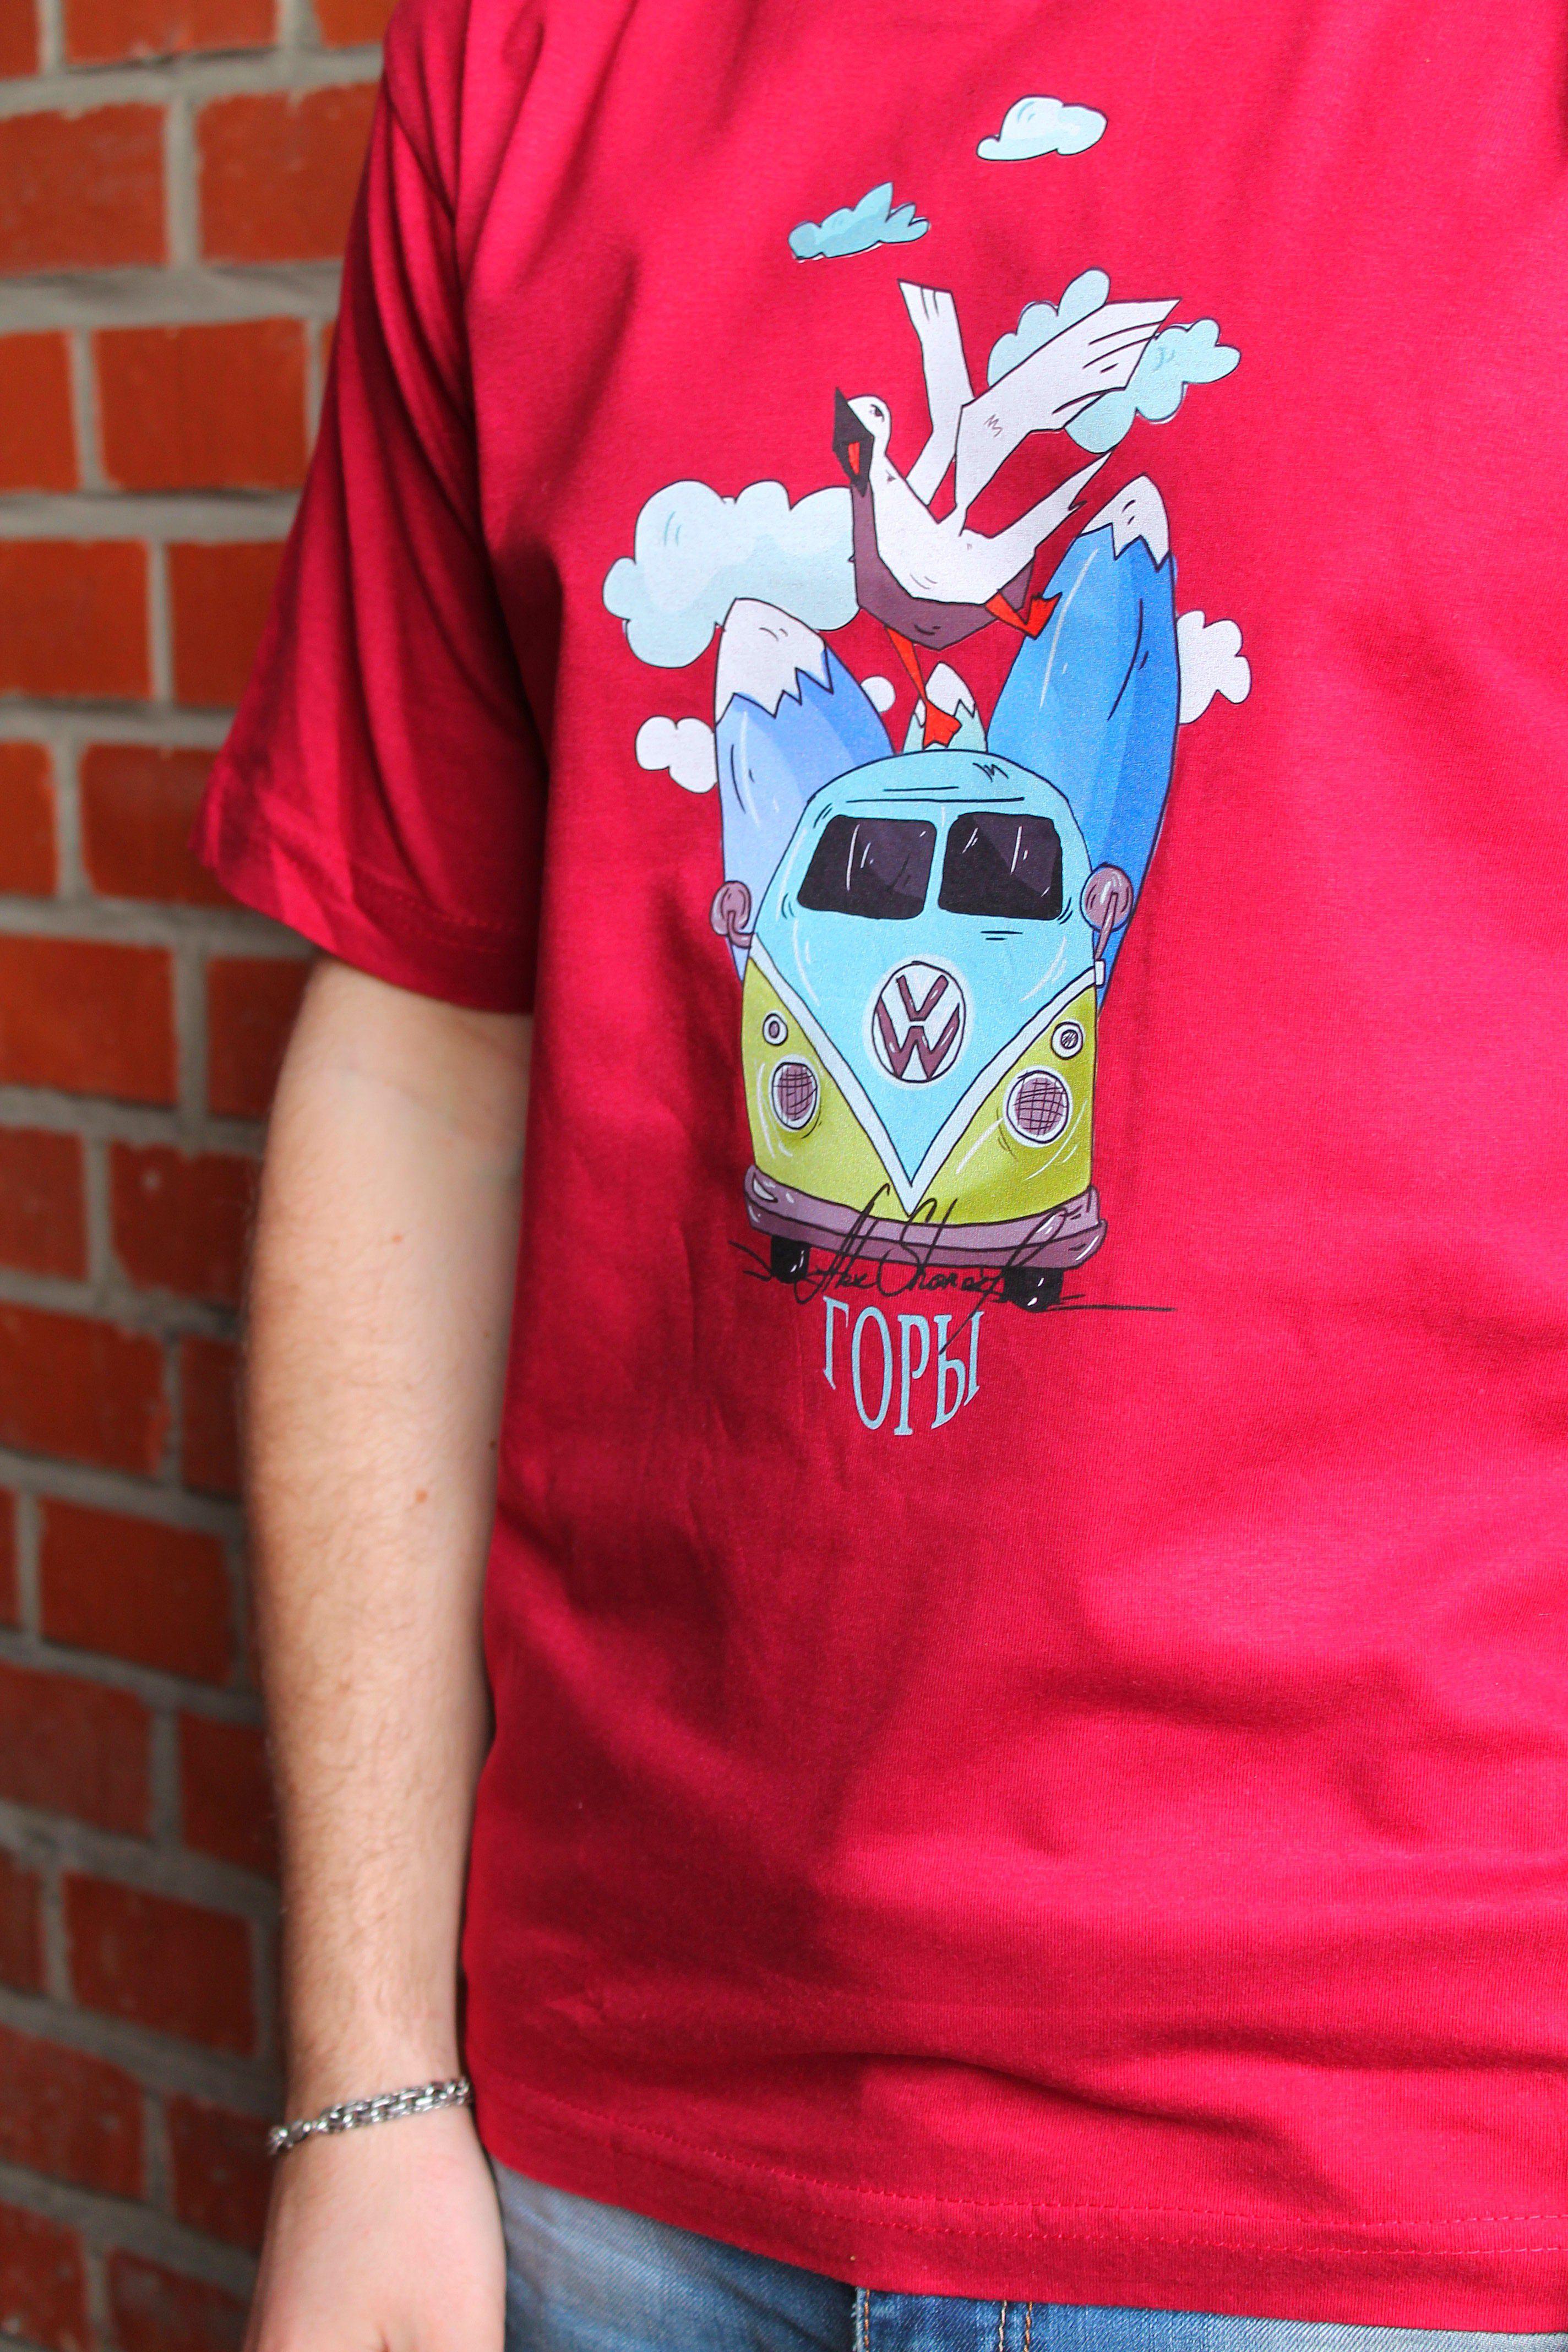 принта футболке лиsьянора горы авторский принт печать